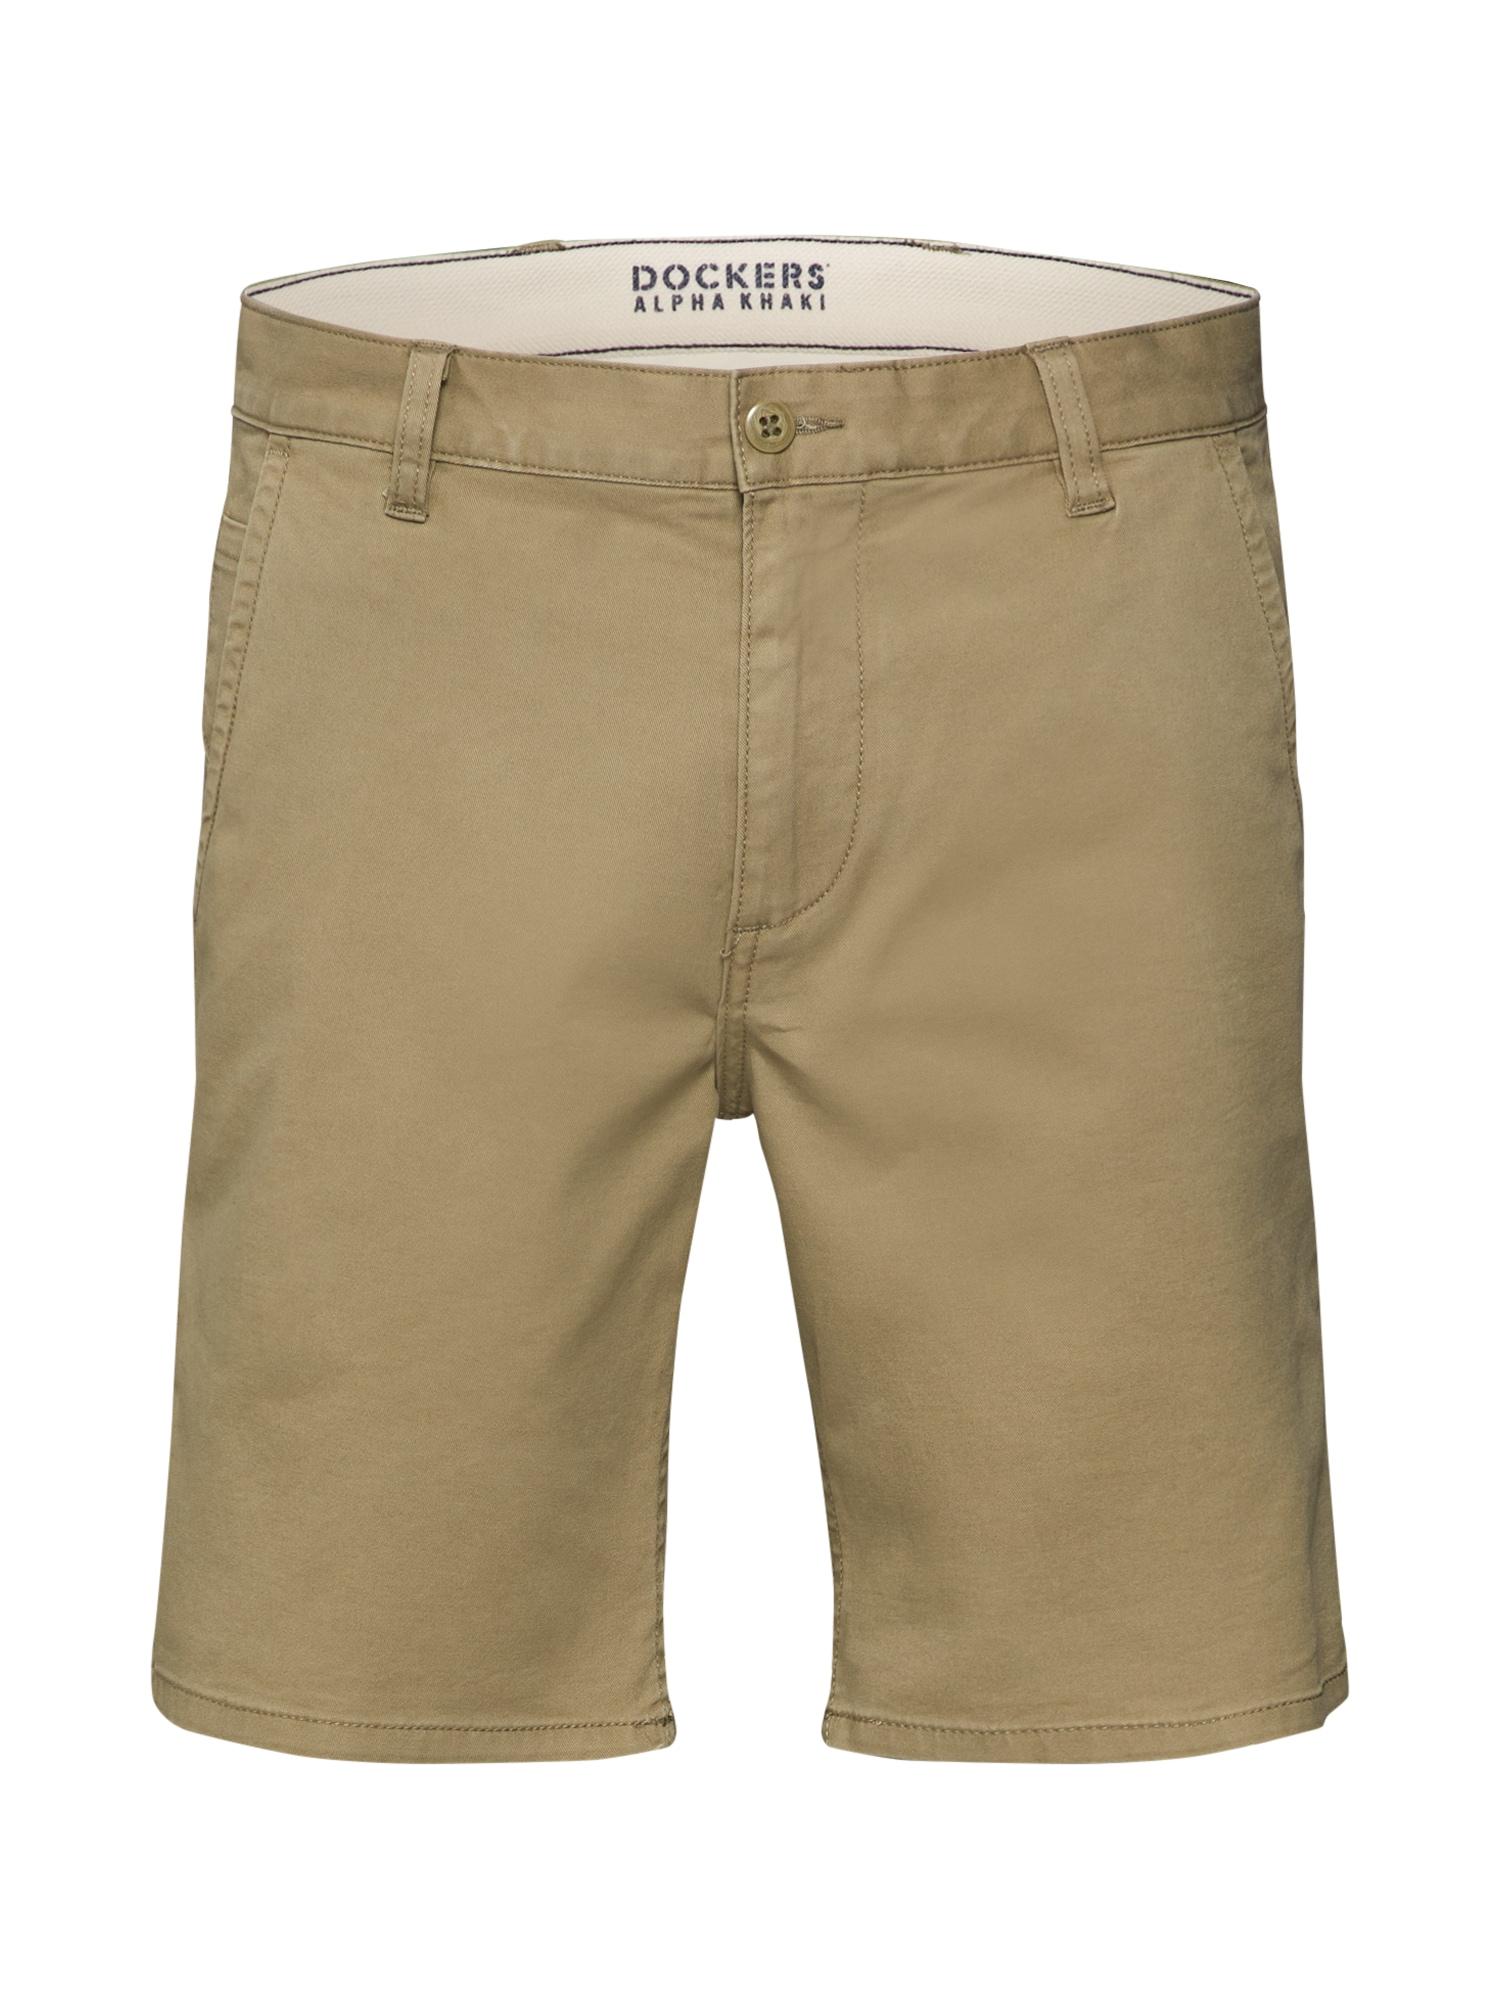 Chino kalhoty ALPHA SHORT - STRETCH TWILL tmavě béžová Dockers